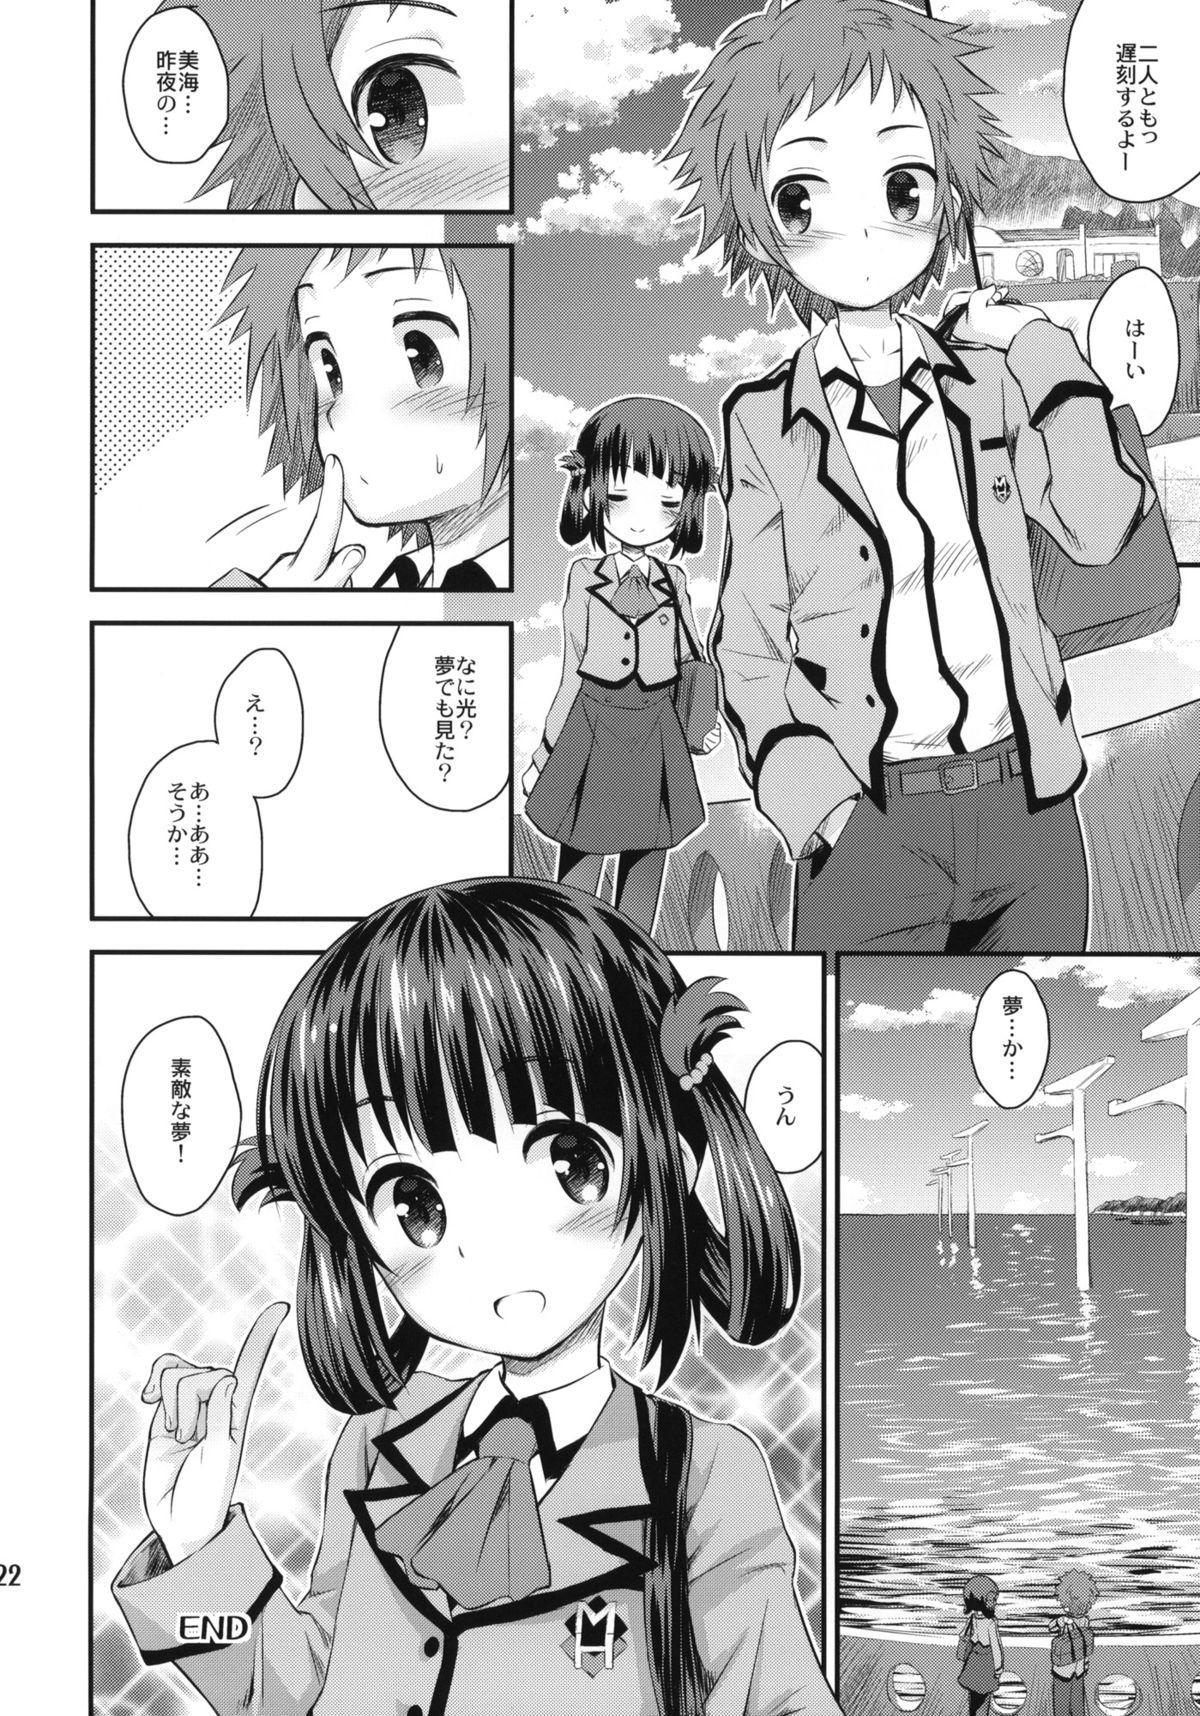 Hatsu Miuna 20